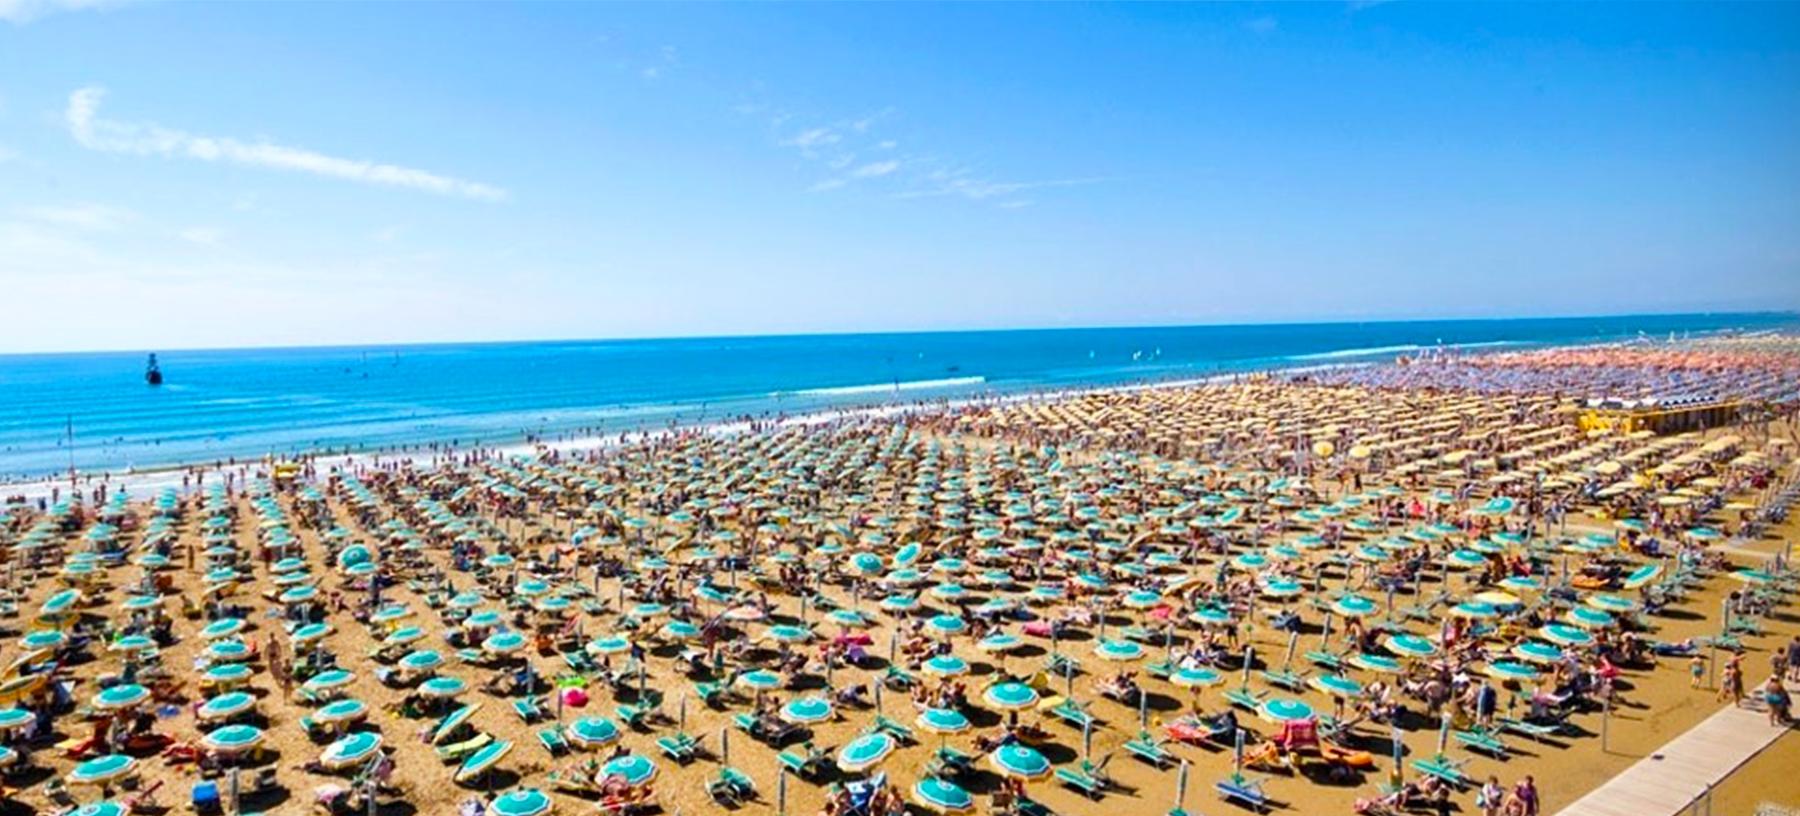 Jednodenní koupání u moře v Itálii pro 1 osobu